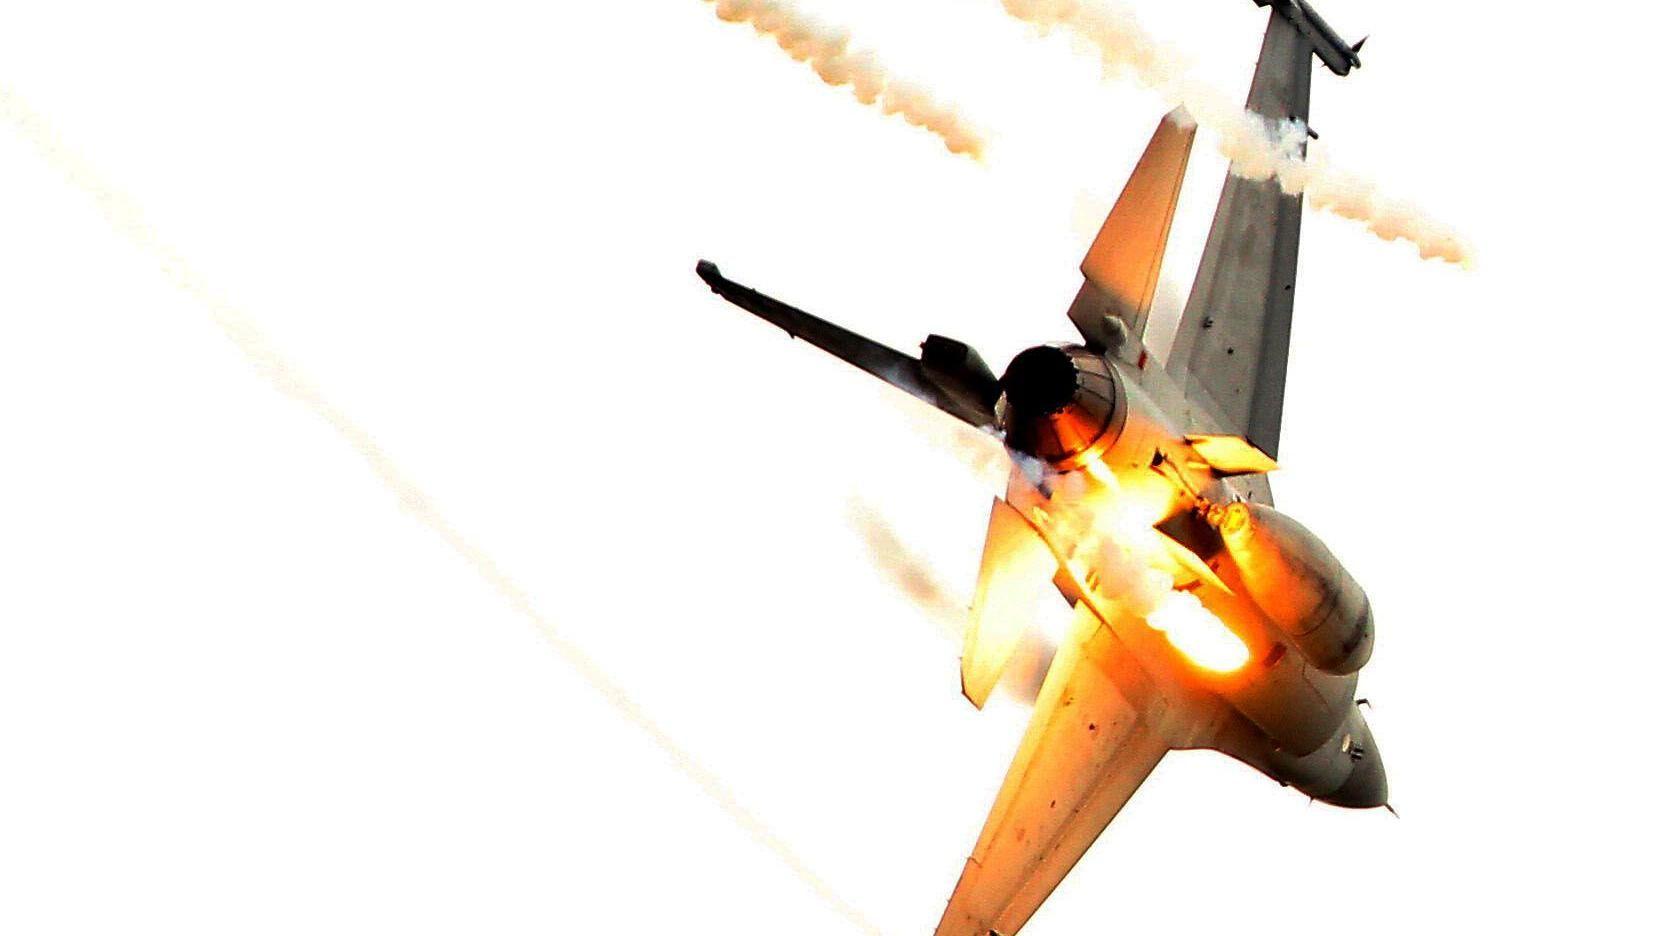 國軍F16IDF戰機施放熱焰彈。(記者邱榮吉/攝影)